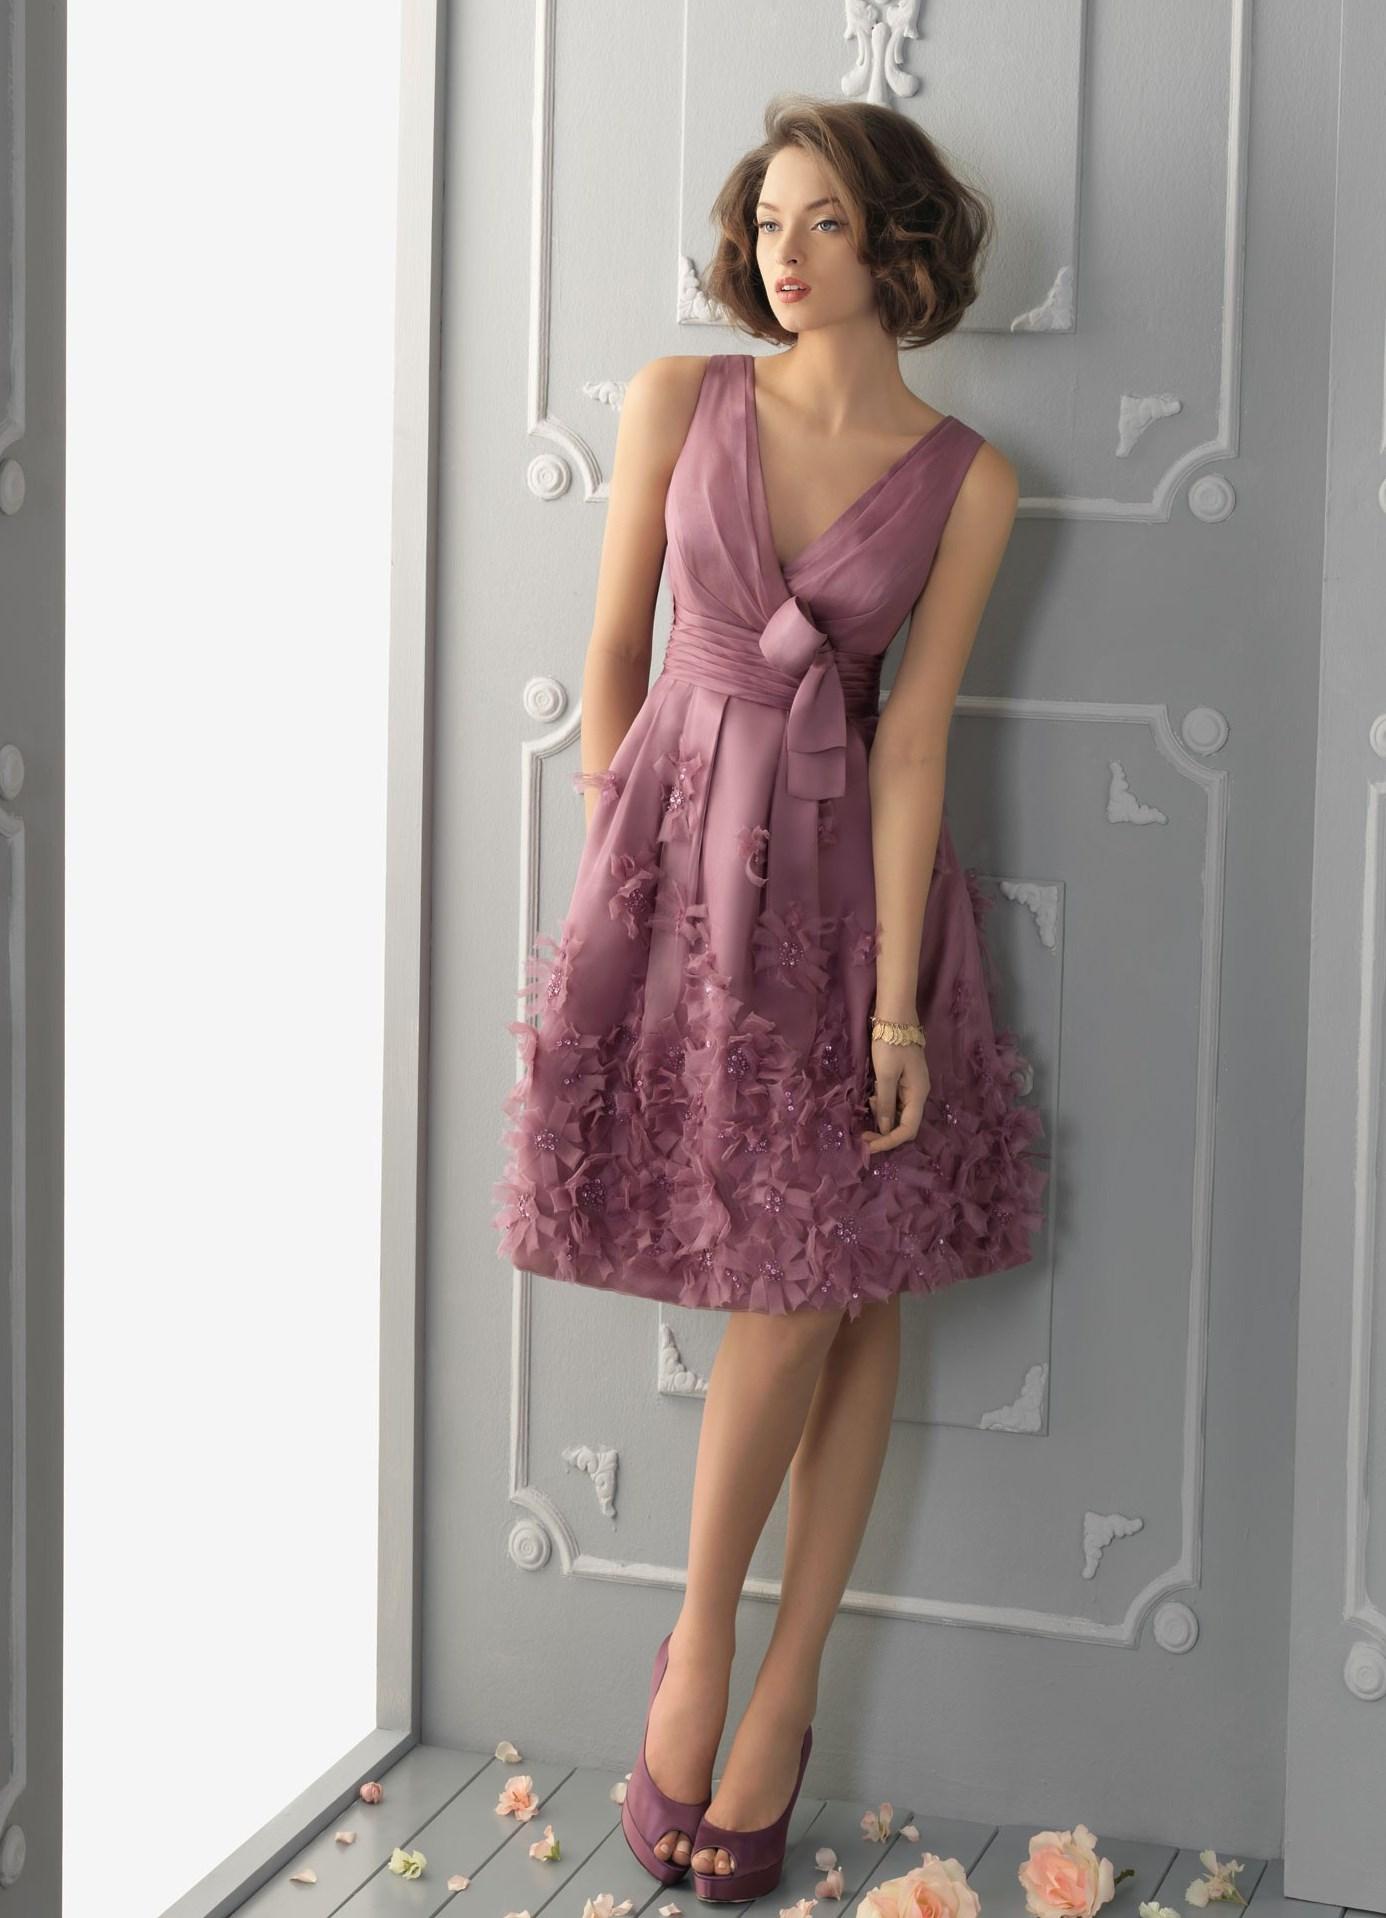 d5c74529e23 Вечерние платья для женщин 4 ...